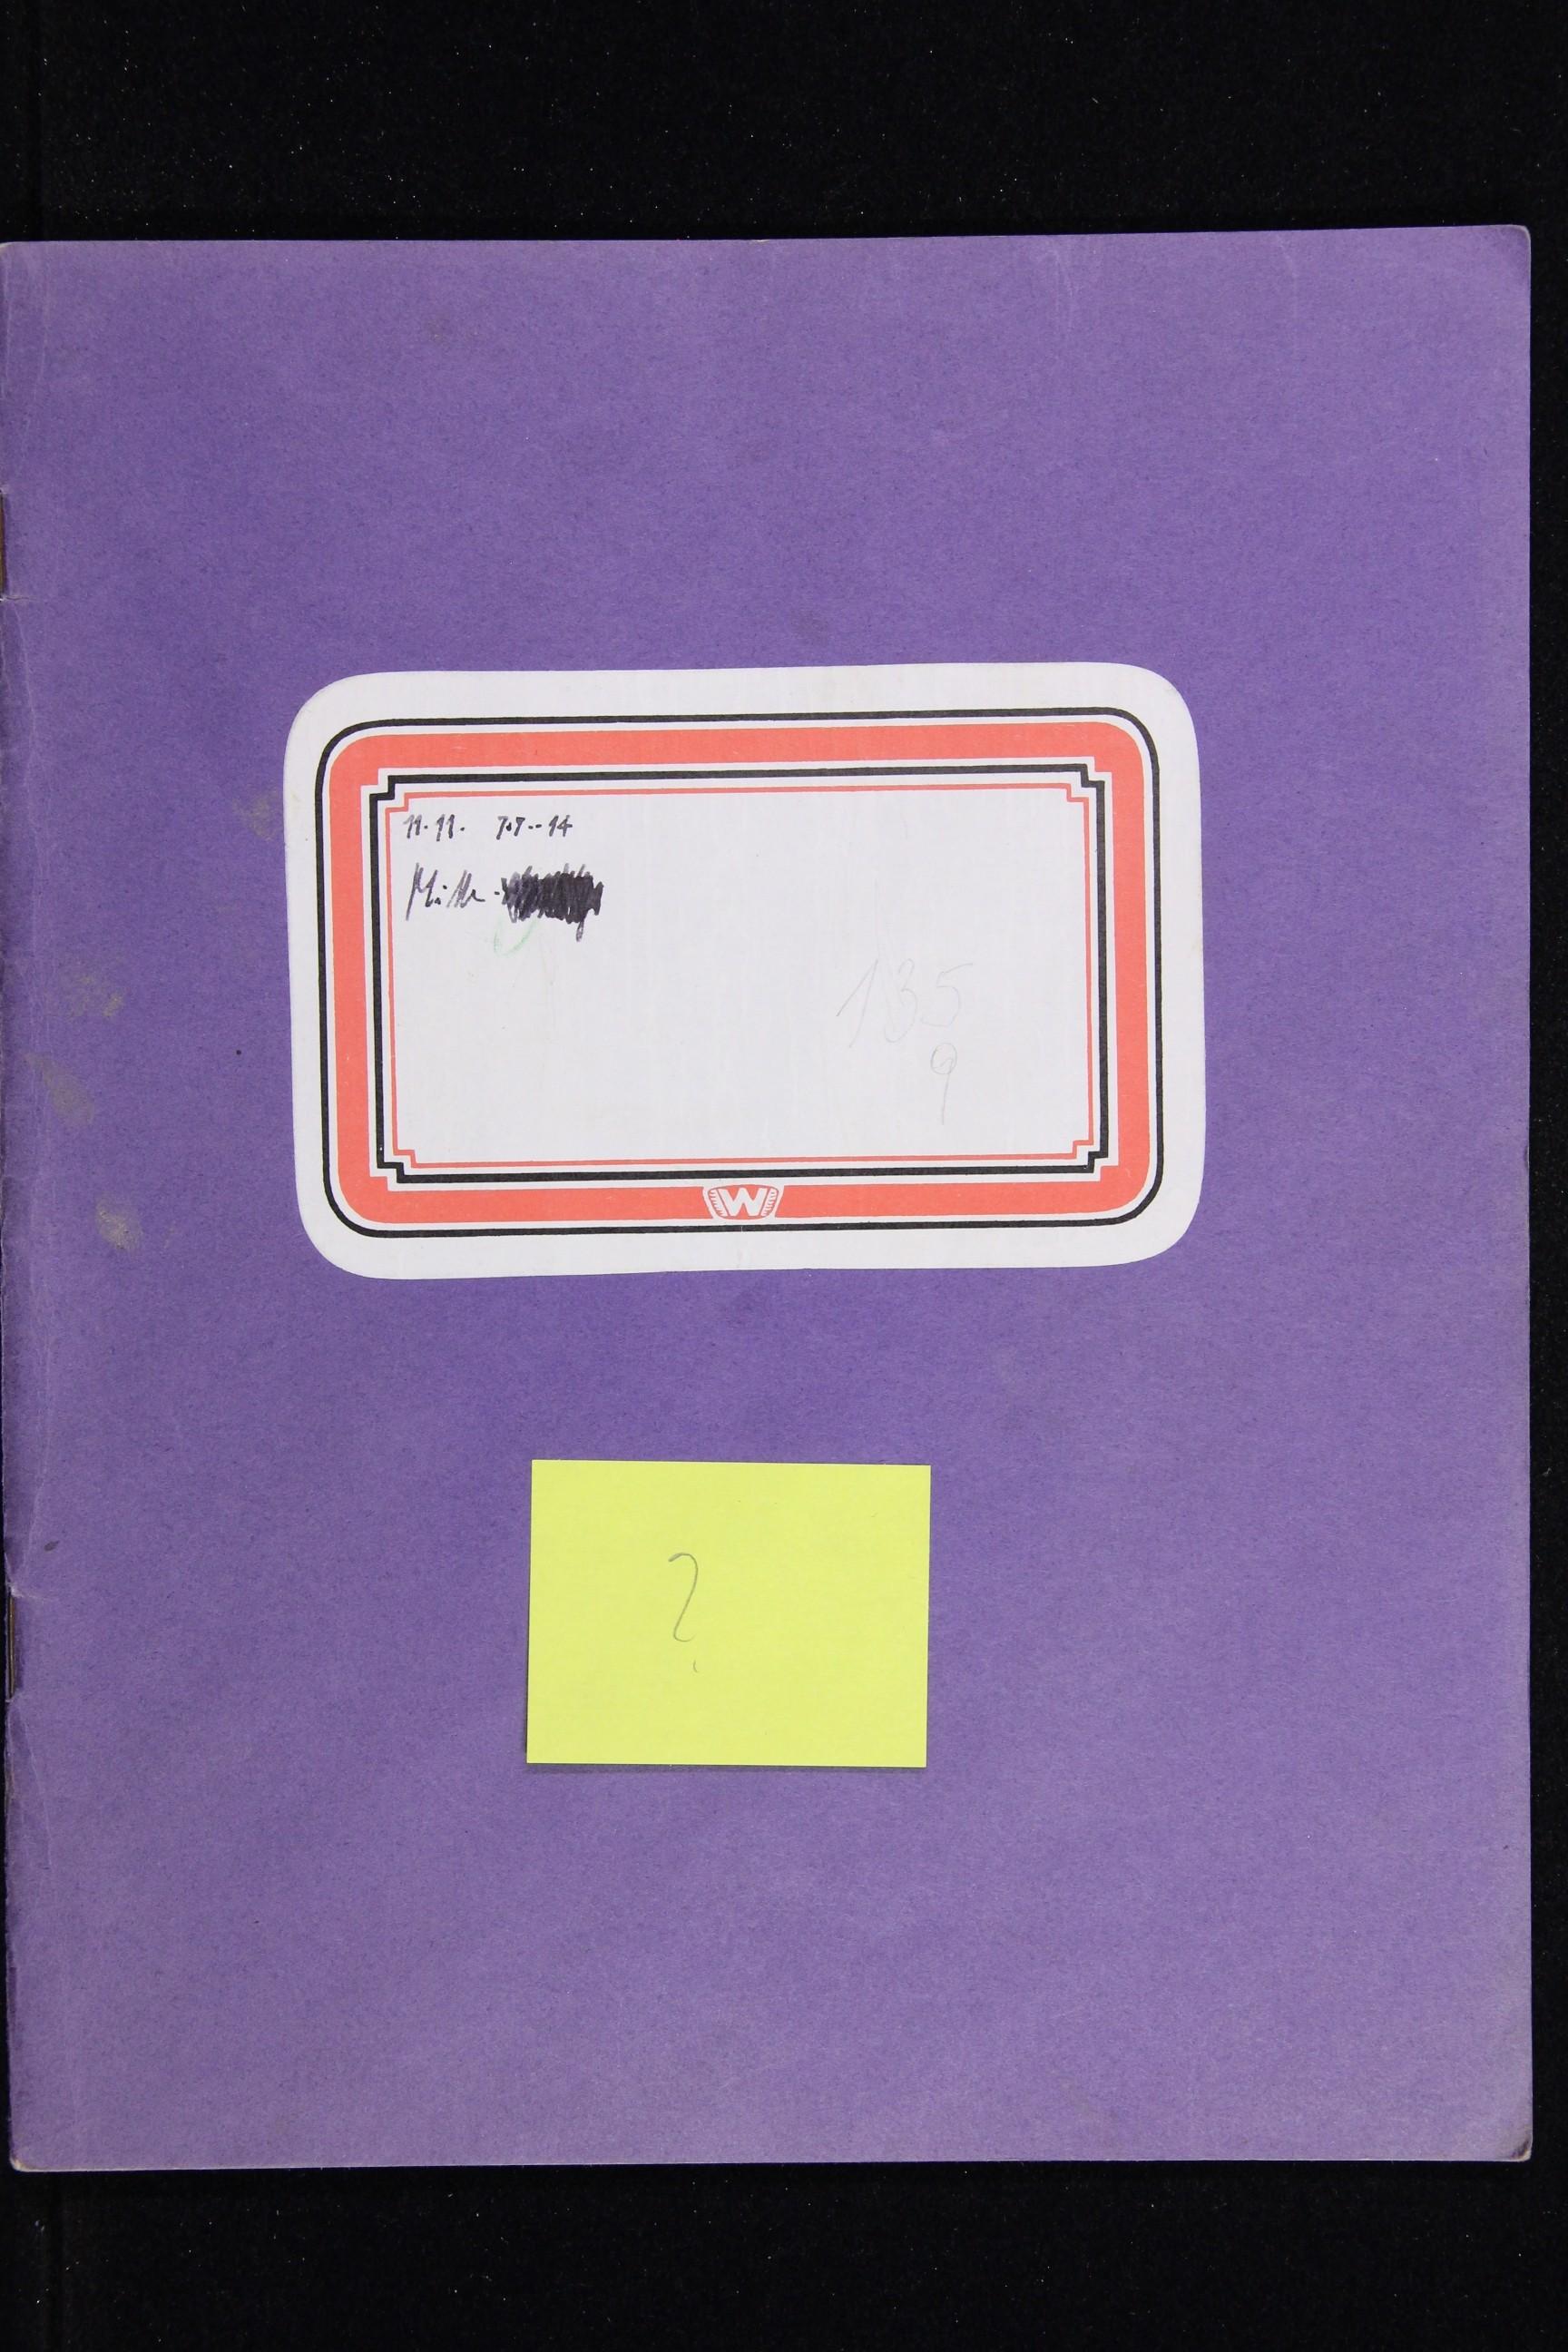 Notizbuch Hartmut Skerbisch (Inventarnr. 6) von Hartmut Skerbisch